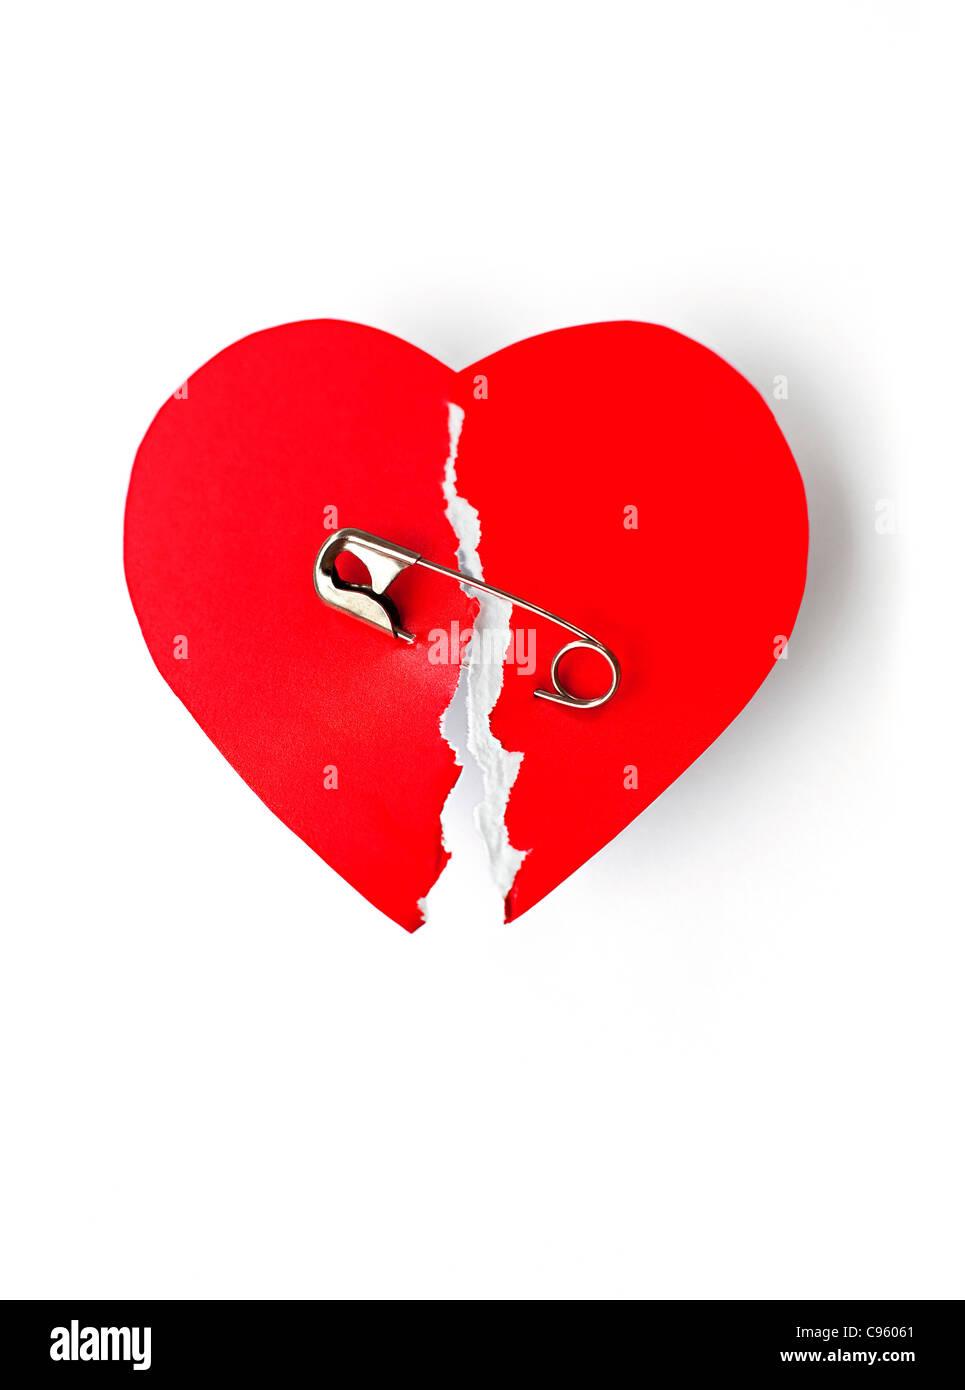 Ein gebrochenes Herz Konzeptbild ausbessern. Stockbild